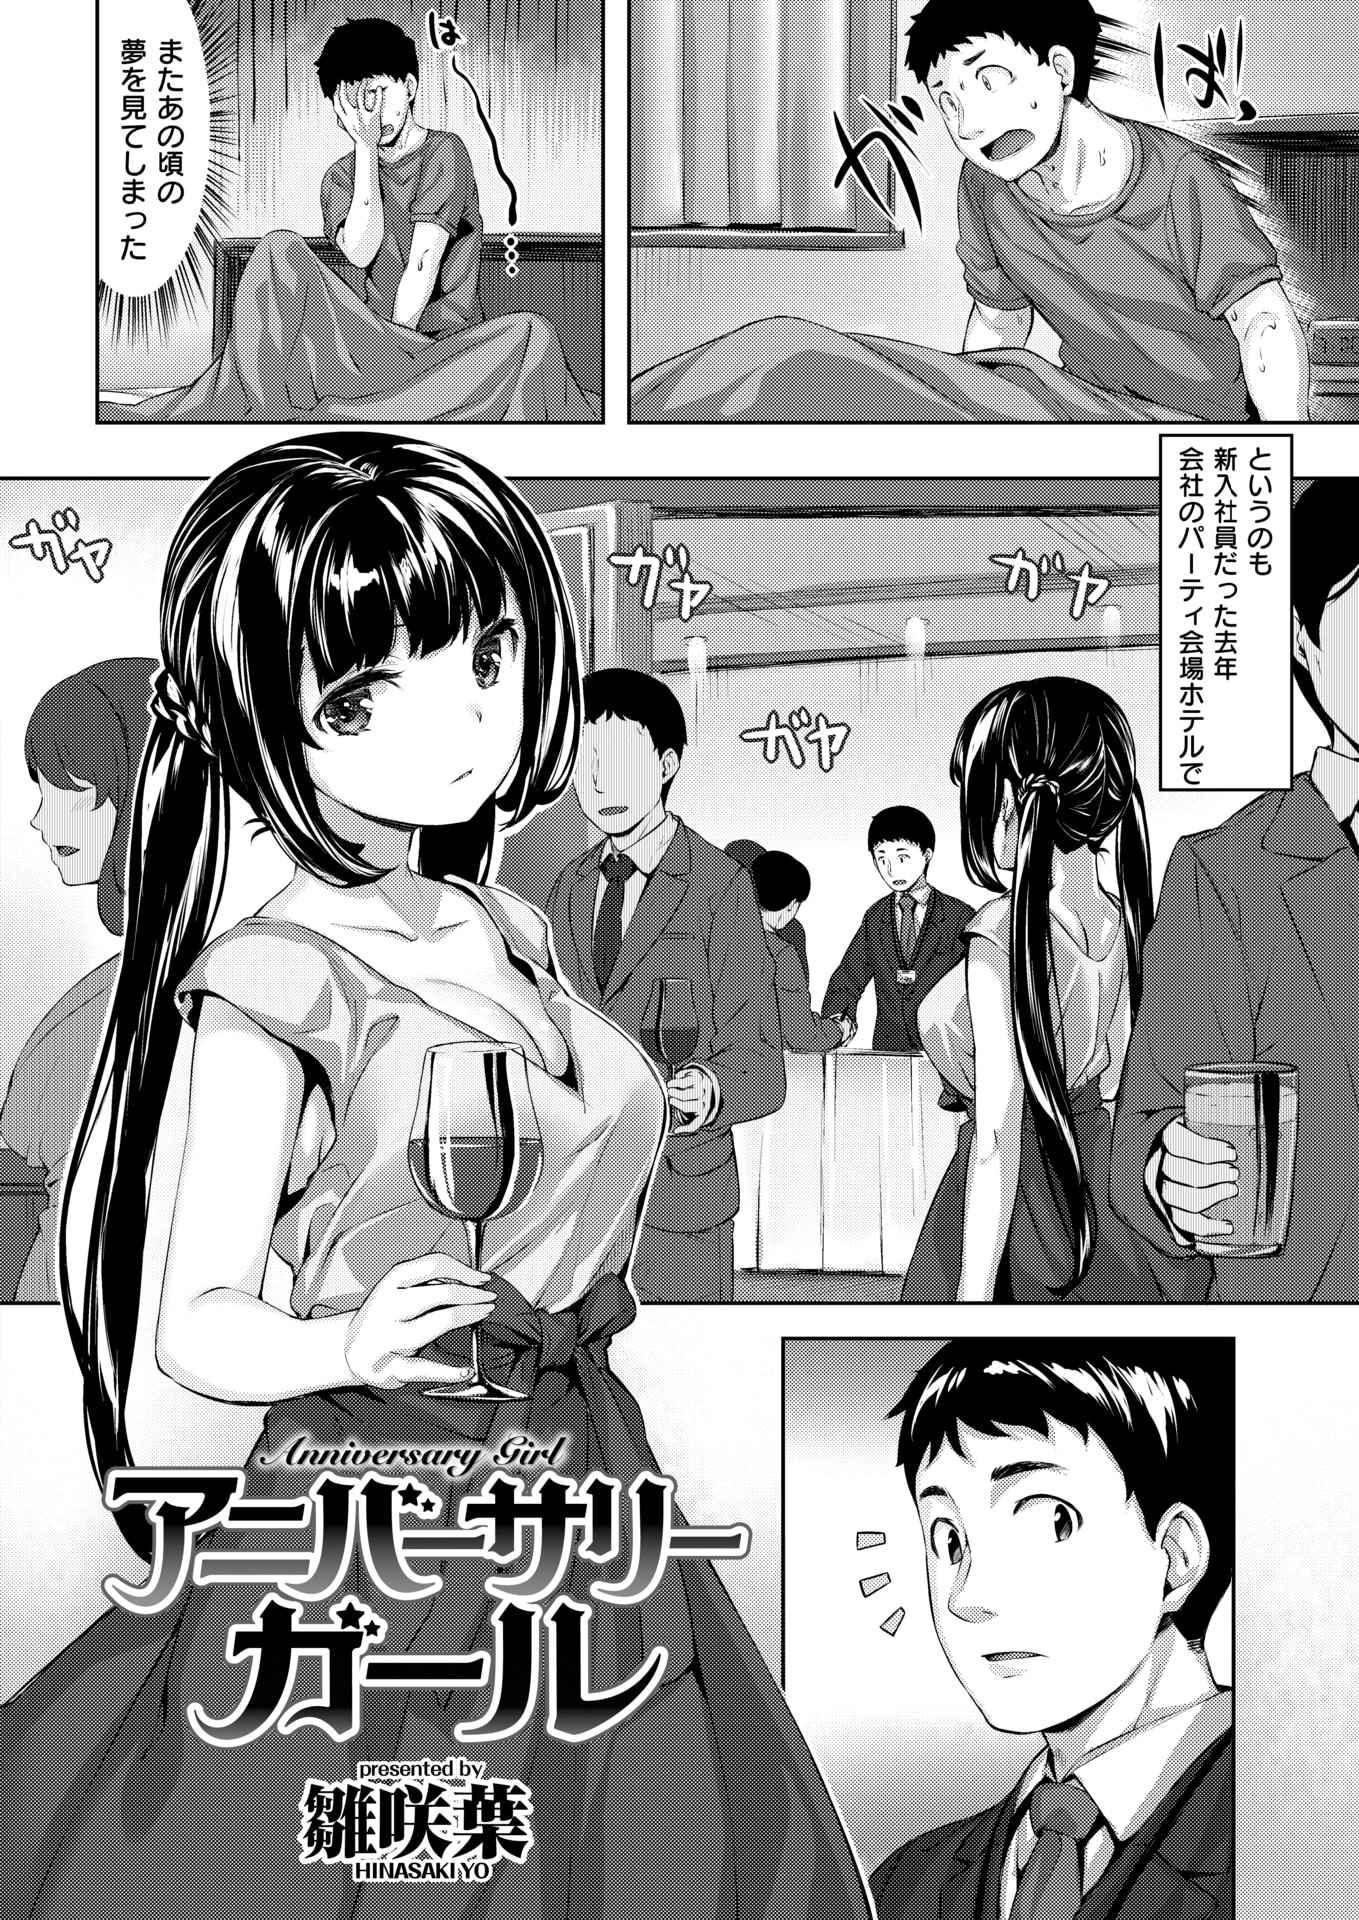 【エロ漫画】いじめっ子が黒髪美女に成長…誘惑されて生挿入中出しイチャラブセックスしちゃいますww【雛咲葉:アニバーサリーガール】